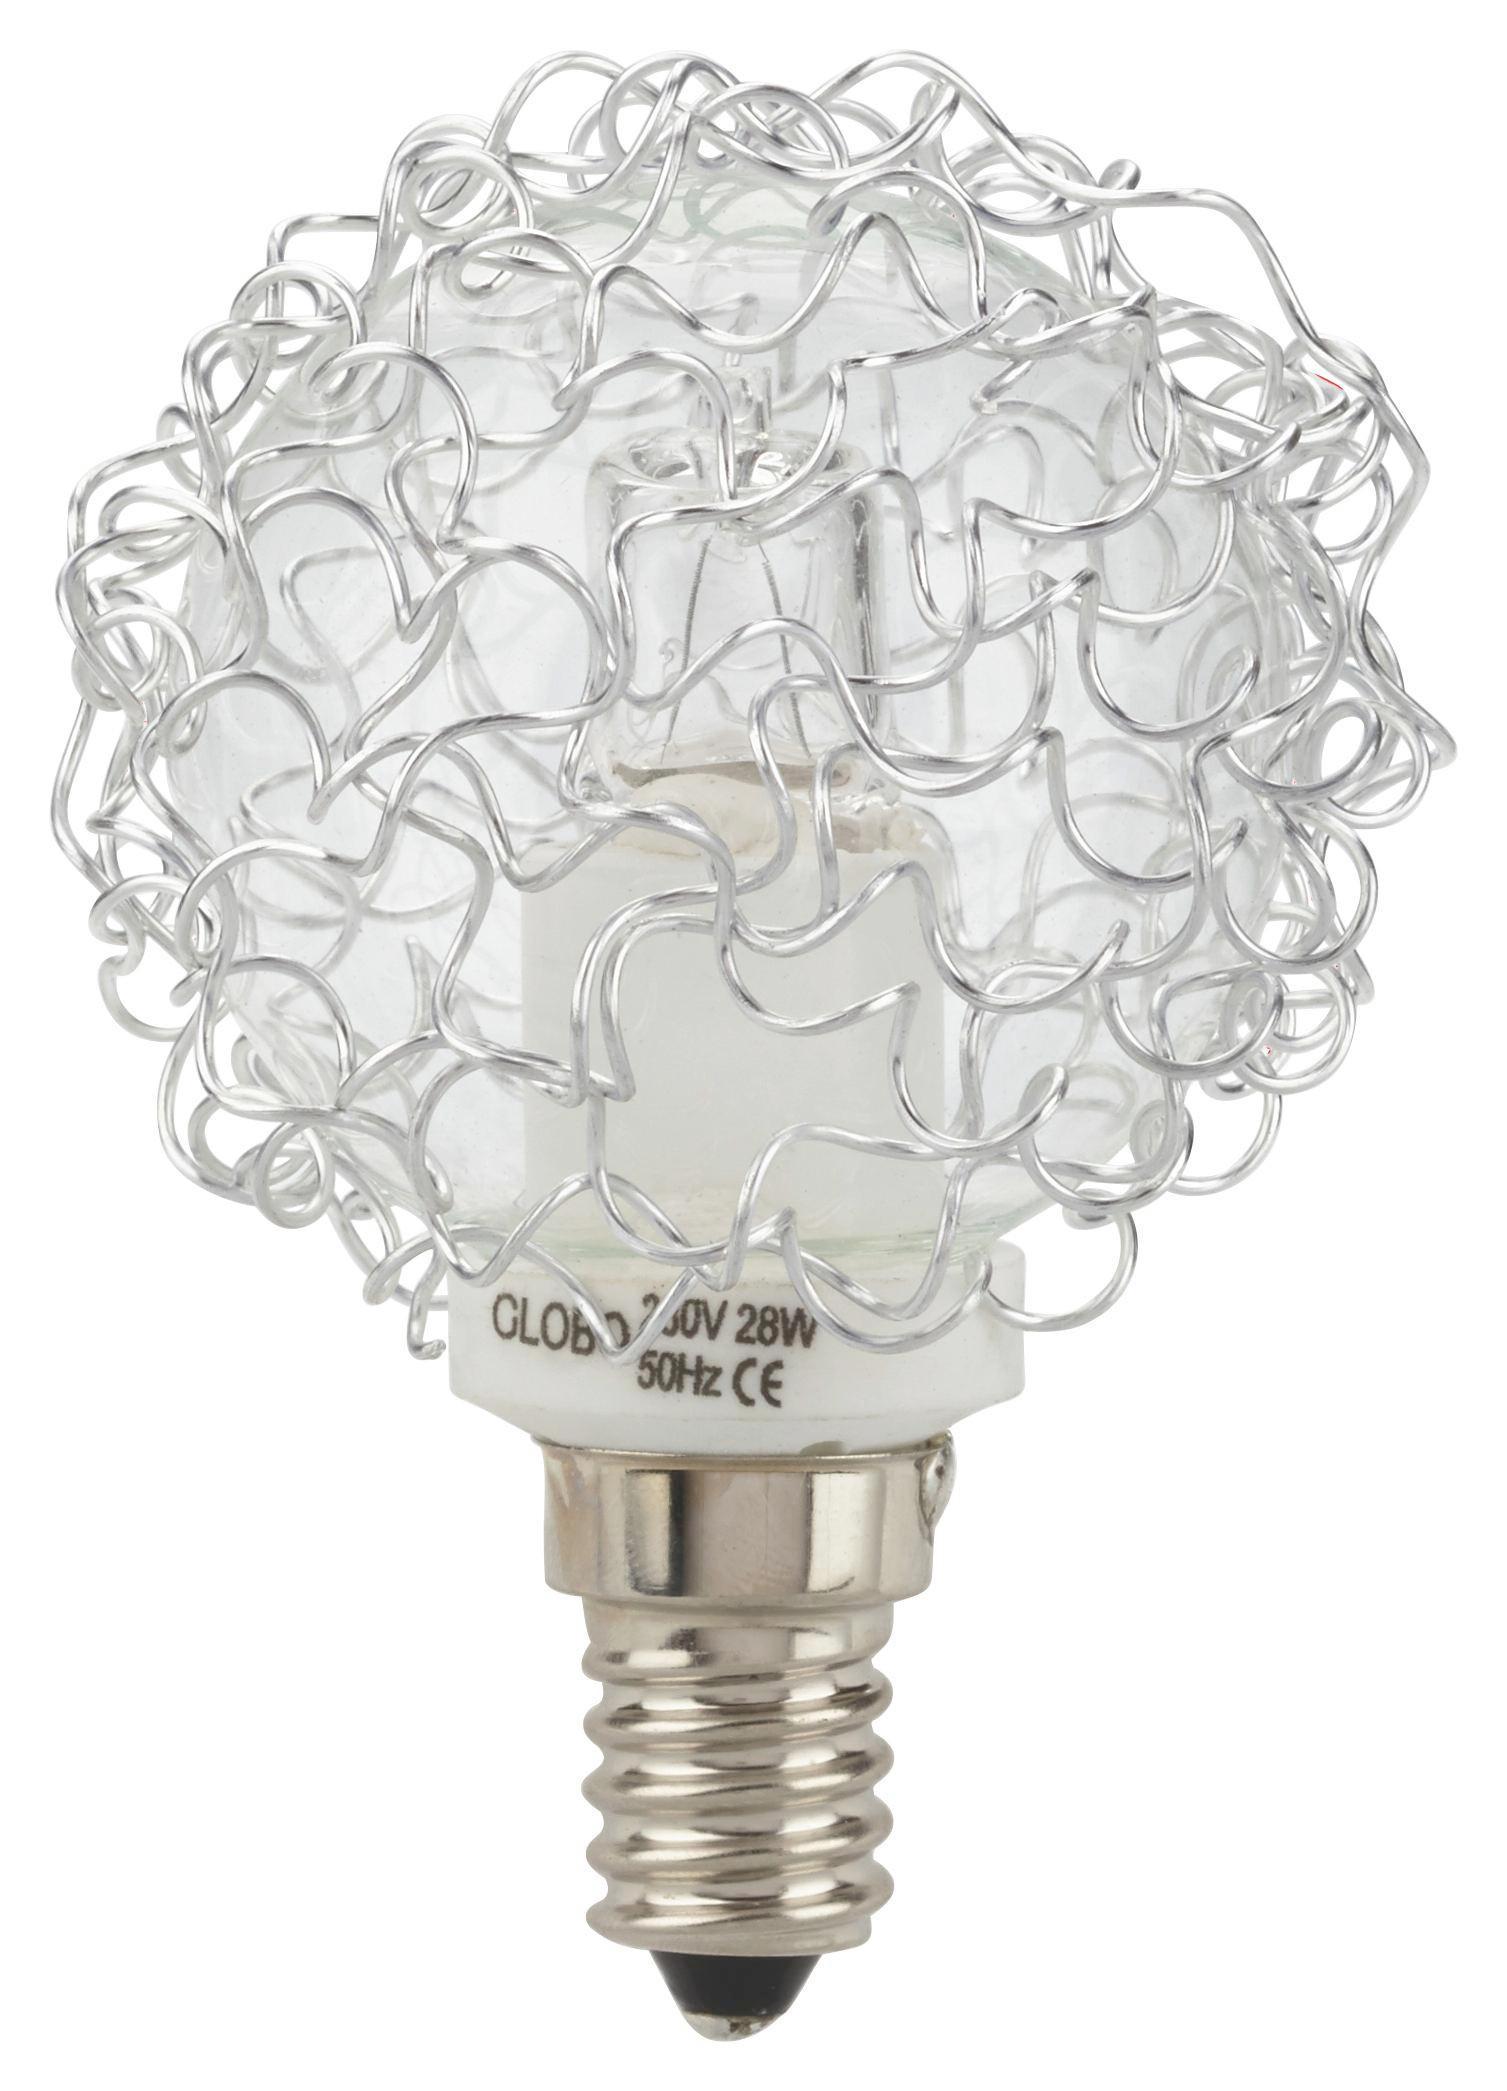 Žarnica 11280 - barve aluminija/prozorna (7cm)